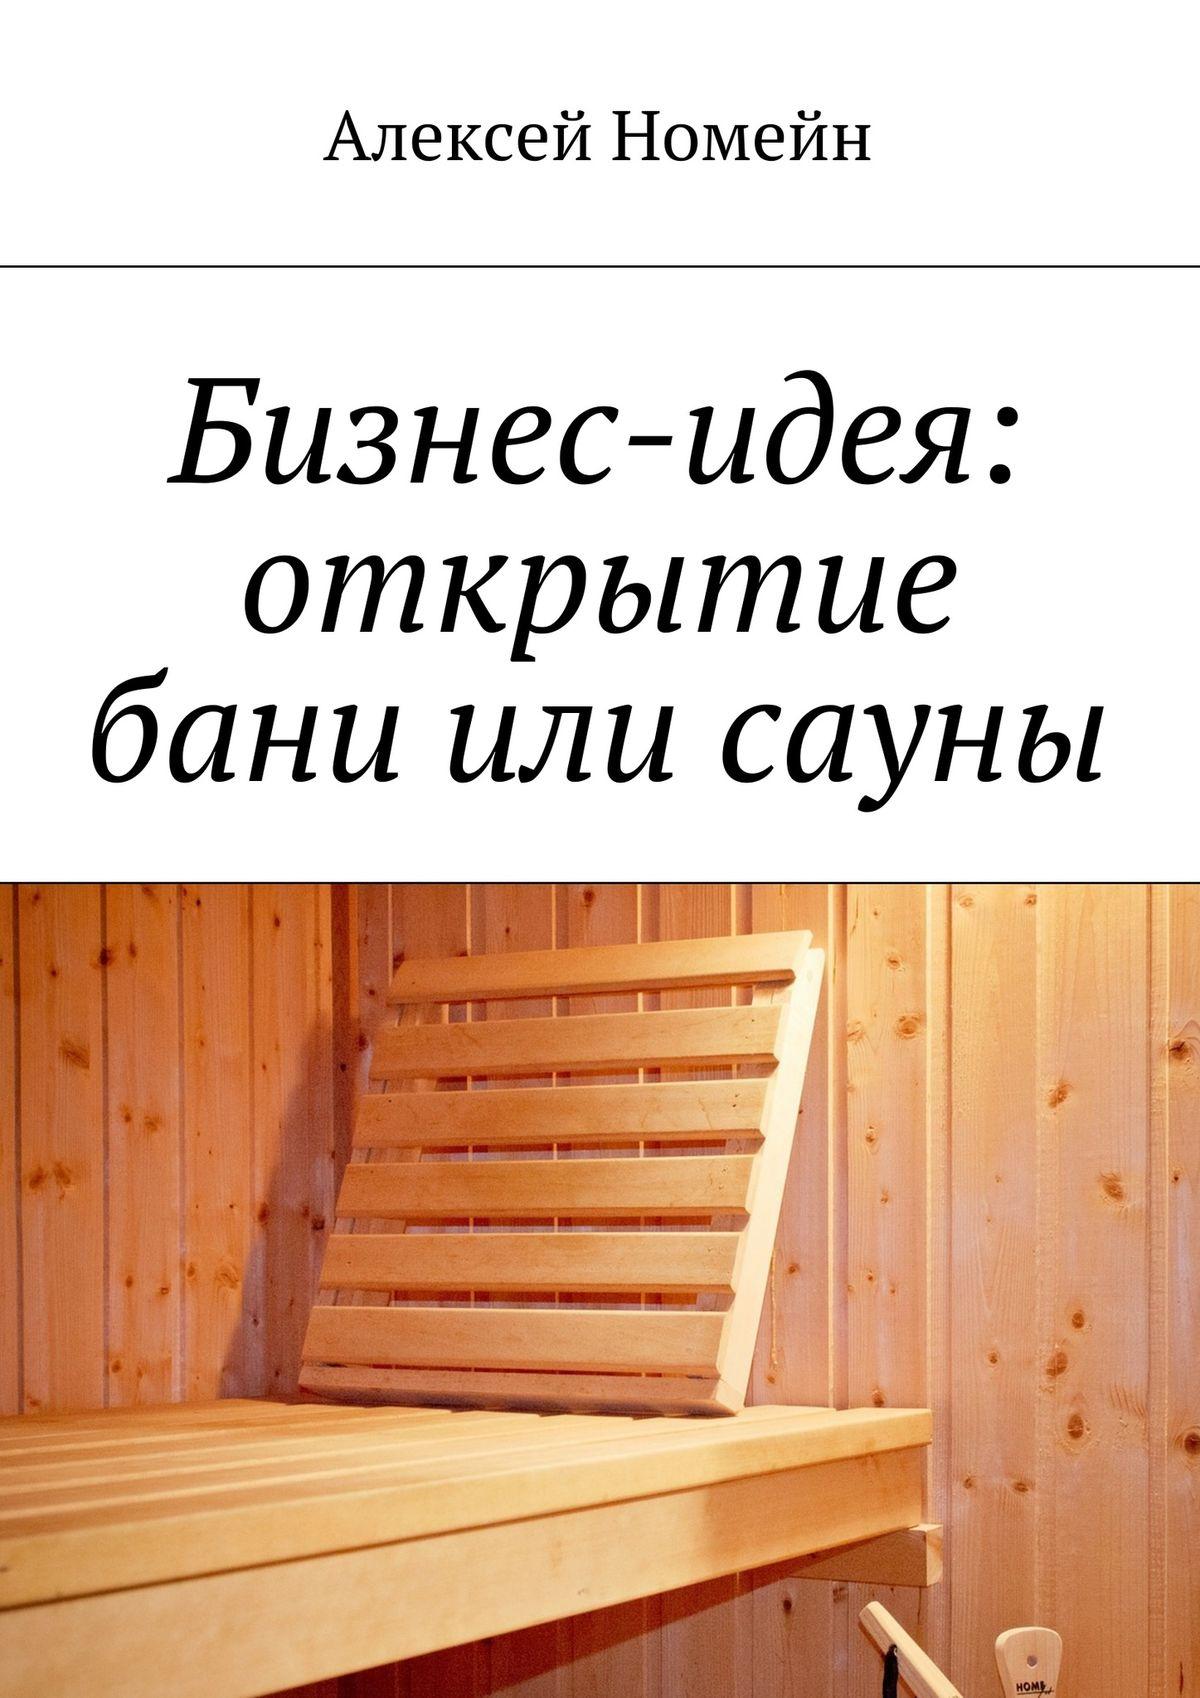 Алексей Номейн Бизнес-идея: открытие бани или сауны номейн алексей бизнес идея купонный сайт